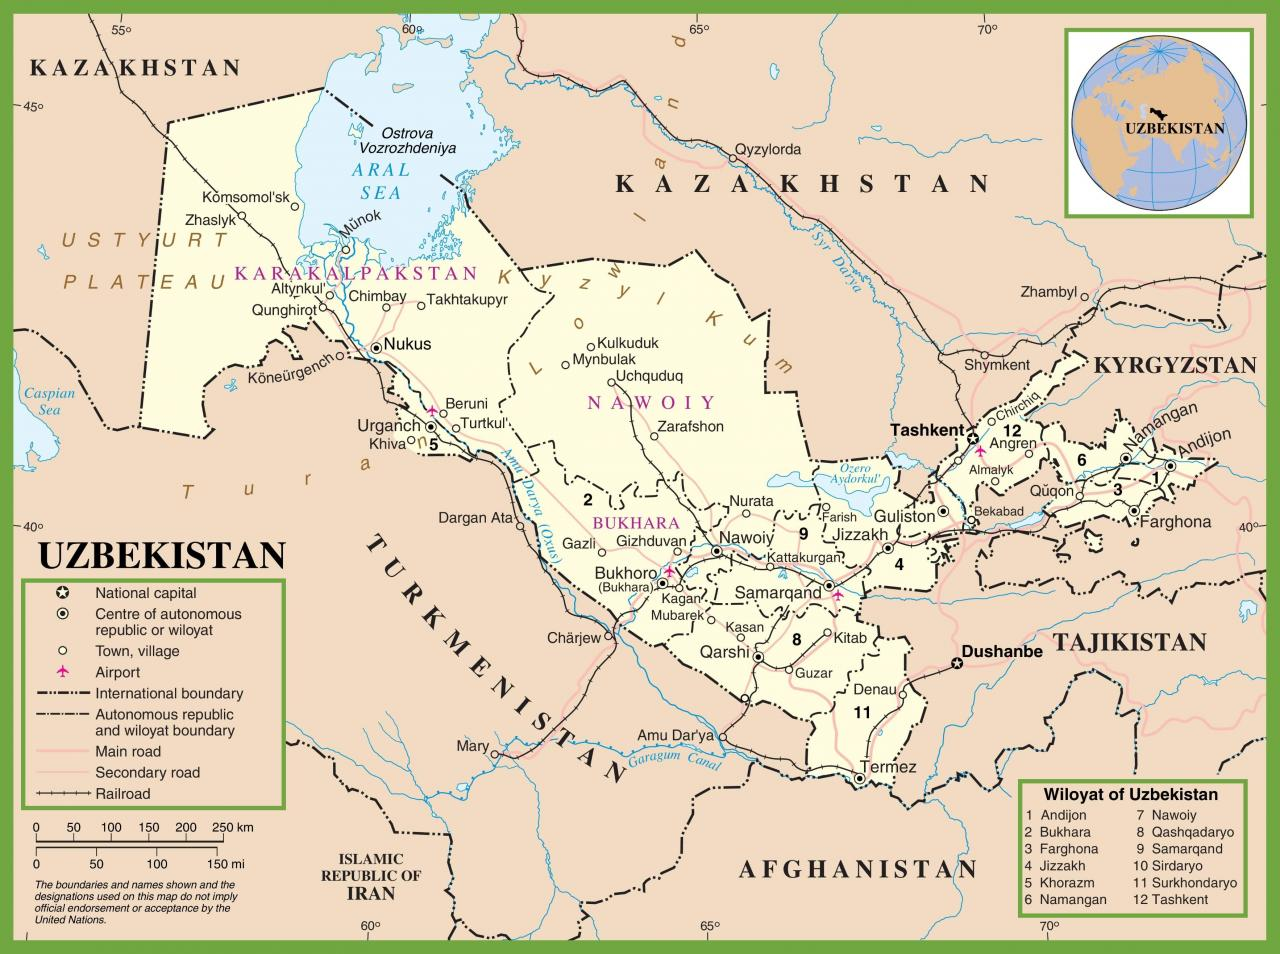 خريطة أوزبكستان باللغة الإنجليزية